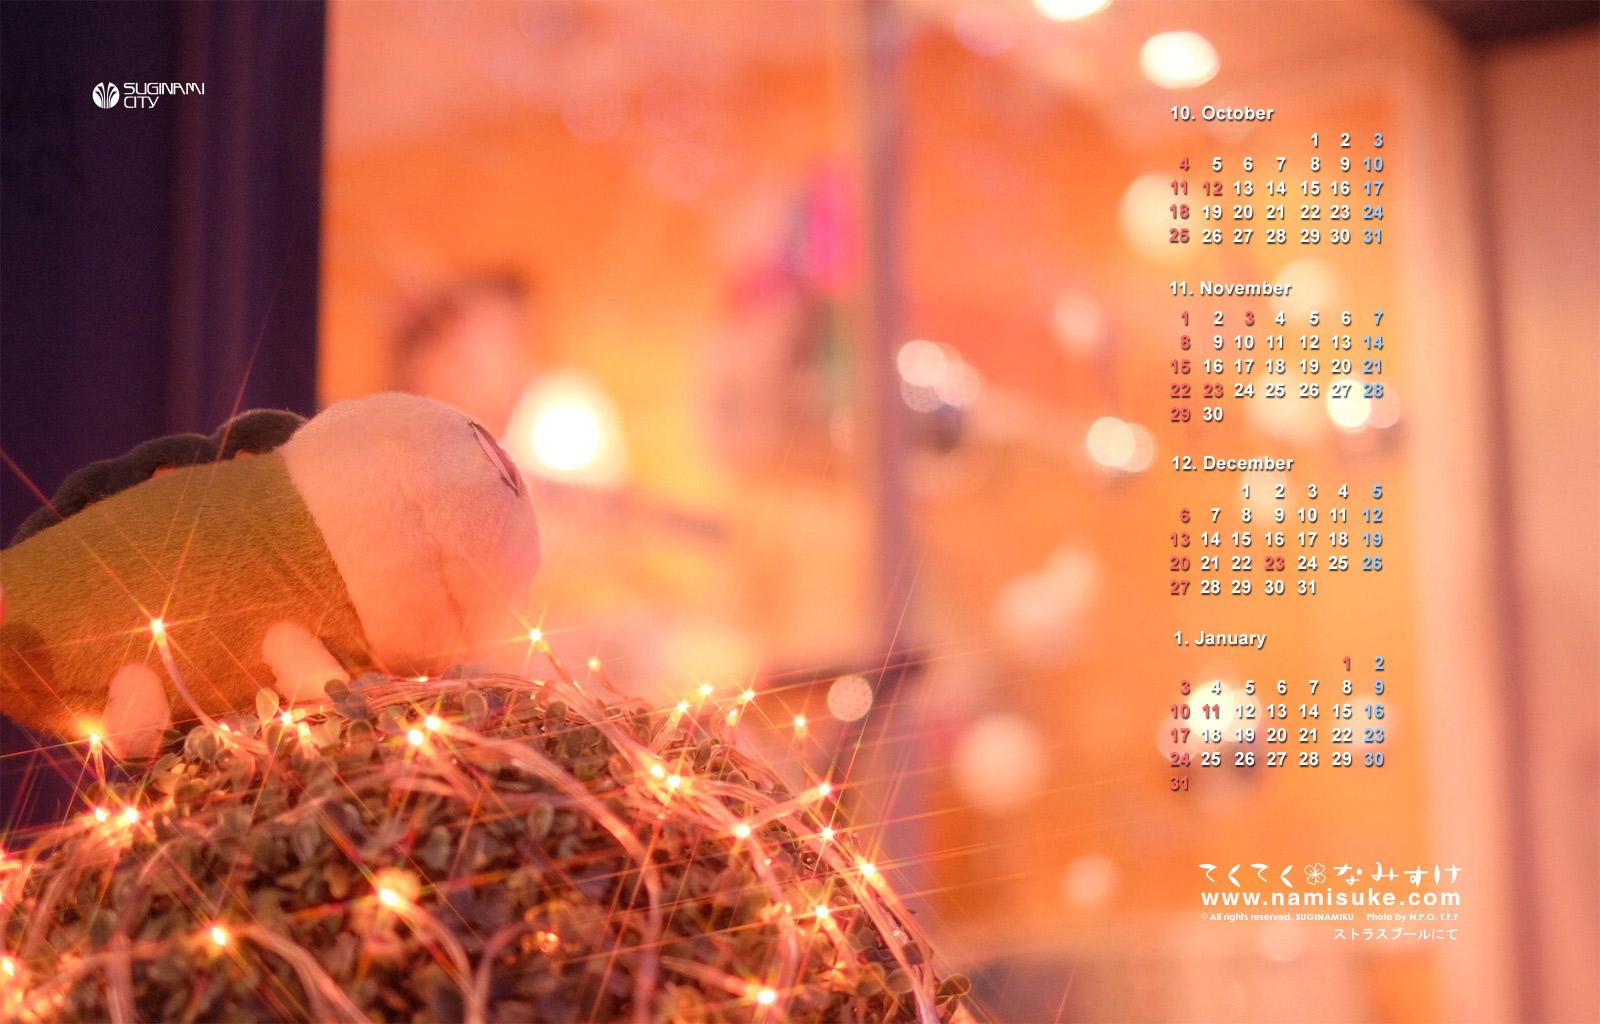 カレンダー カレンダー 2015 無料 年間 : 壁紙 カレンダー 2016 | Calendar ...